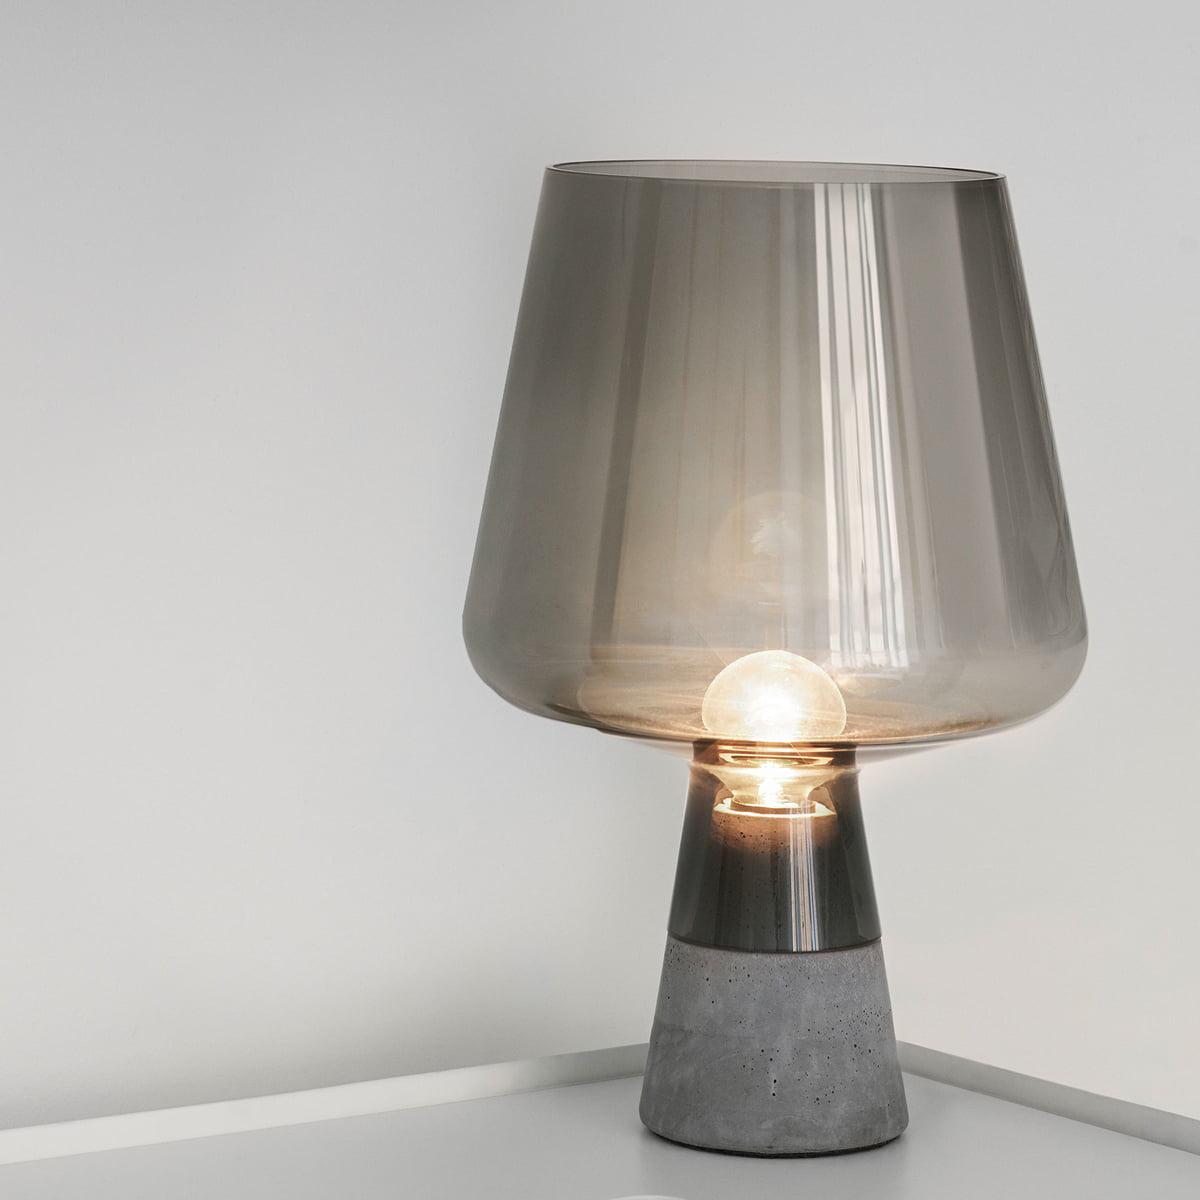 the iittala leimu lamp in the design shop - iittala  leimu lamp grey